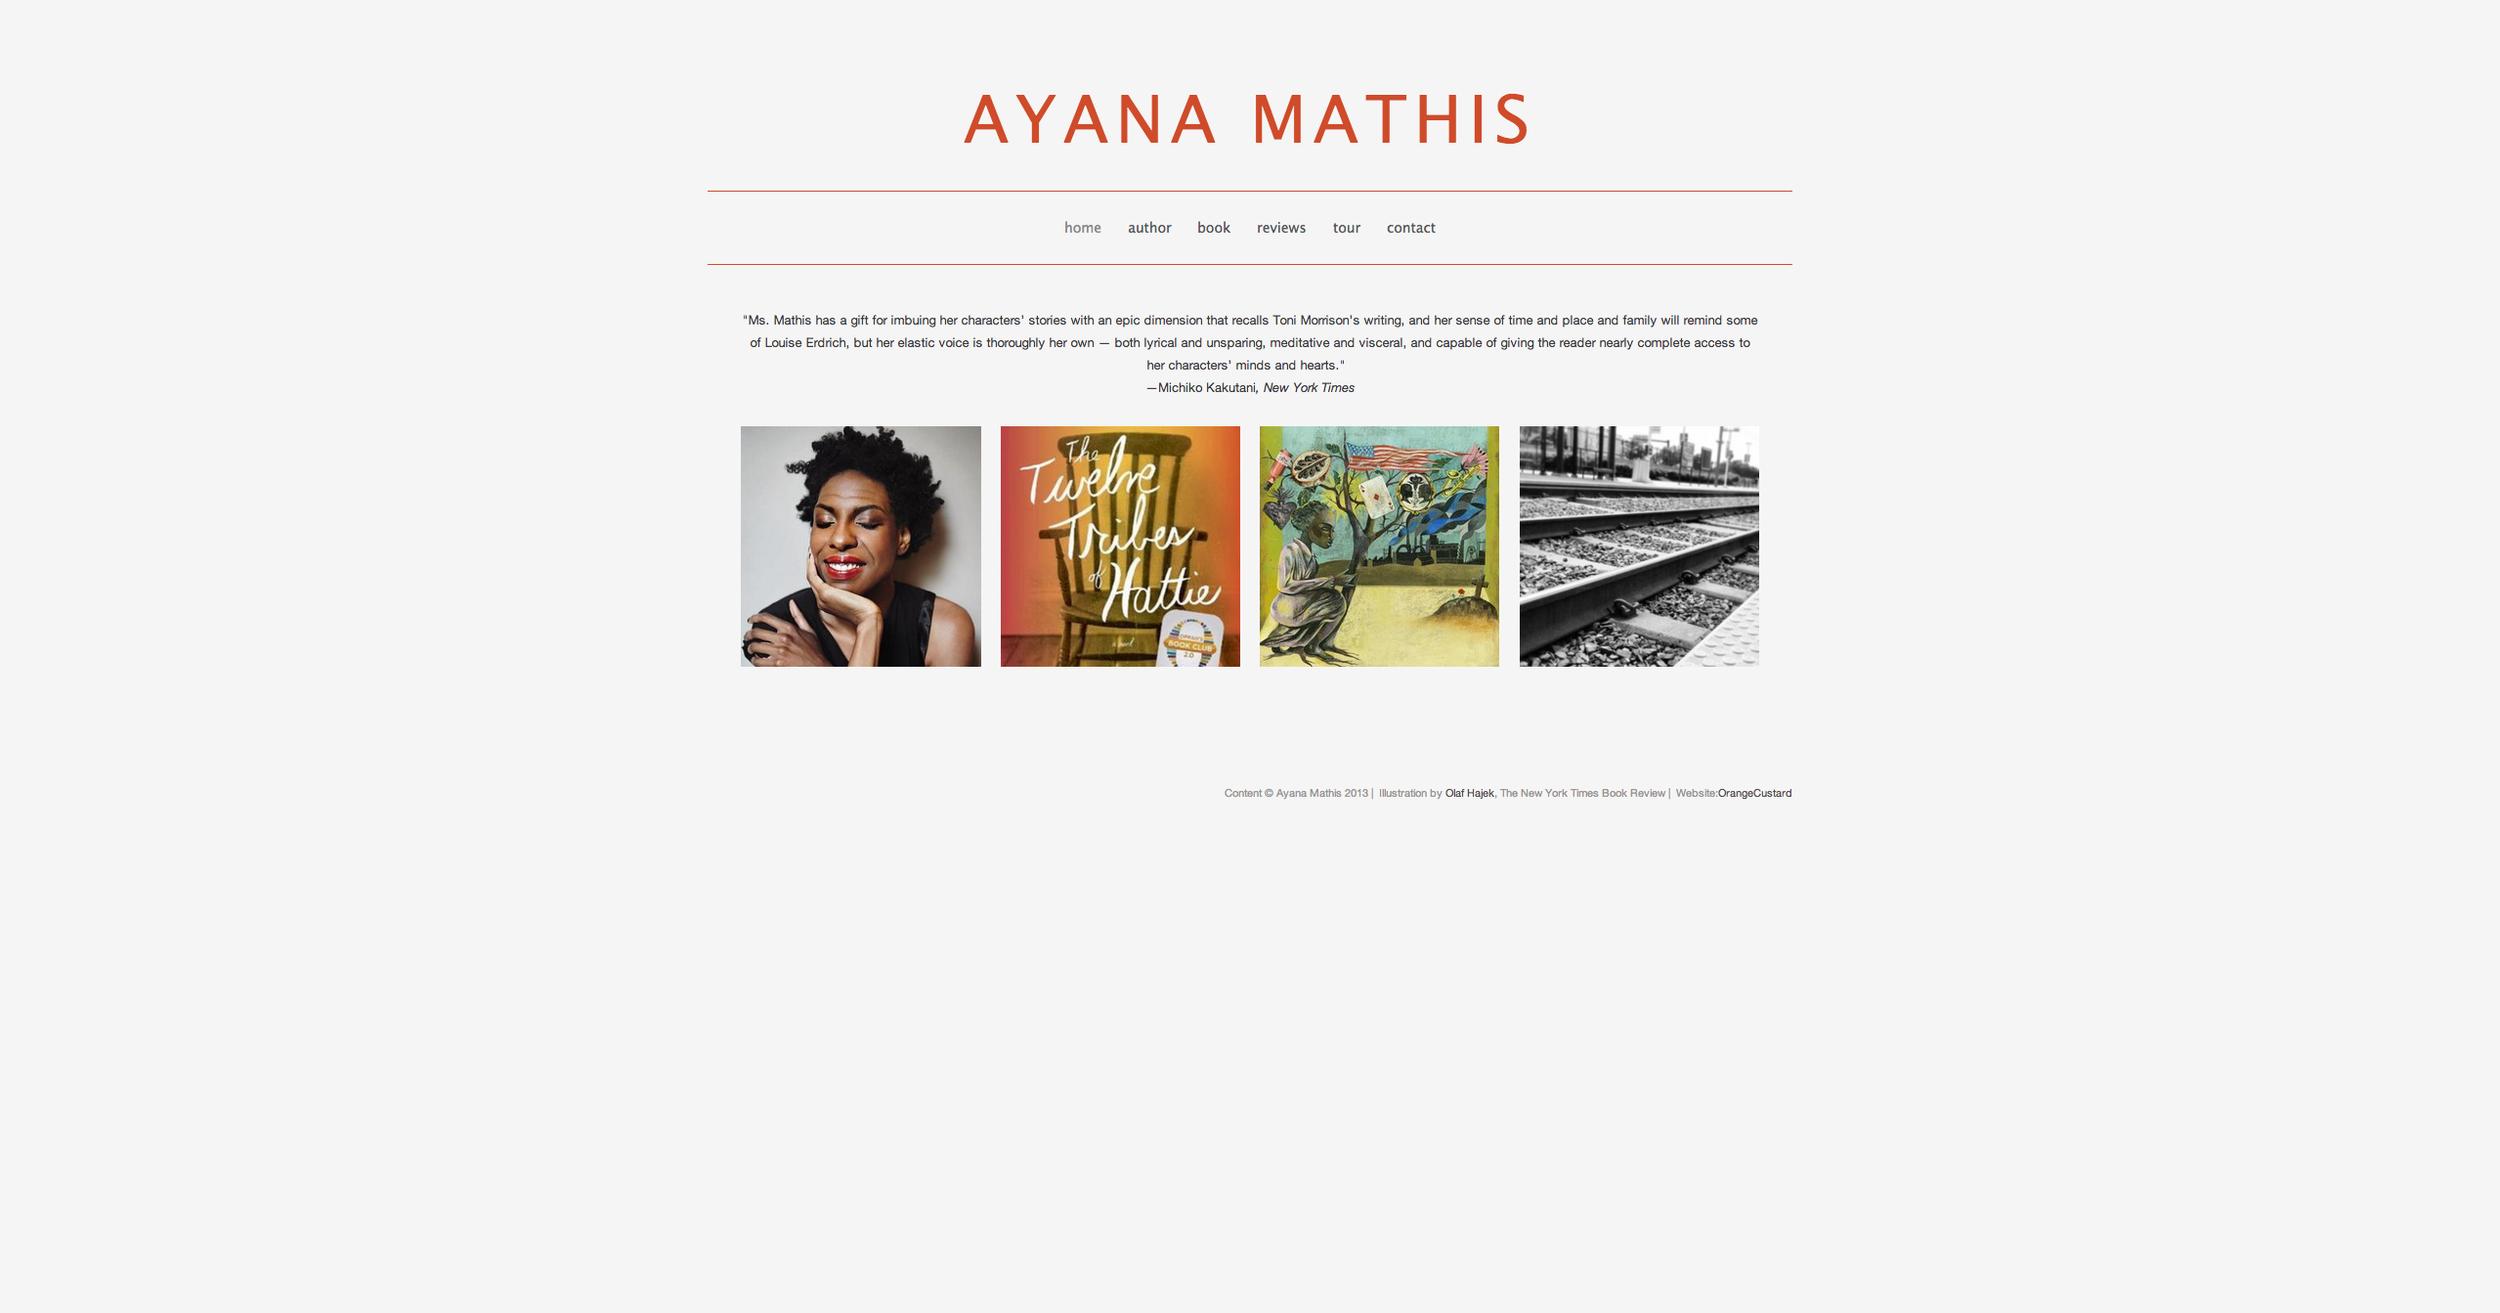 Author Ayana Mathis